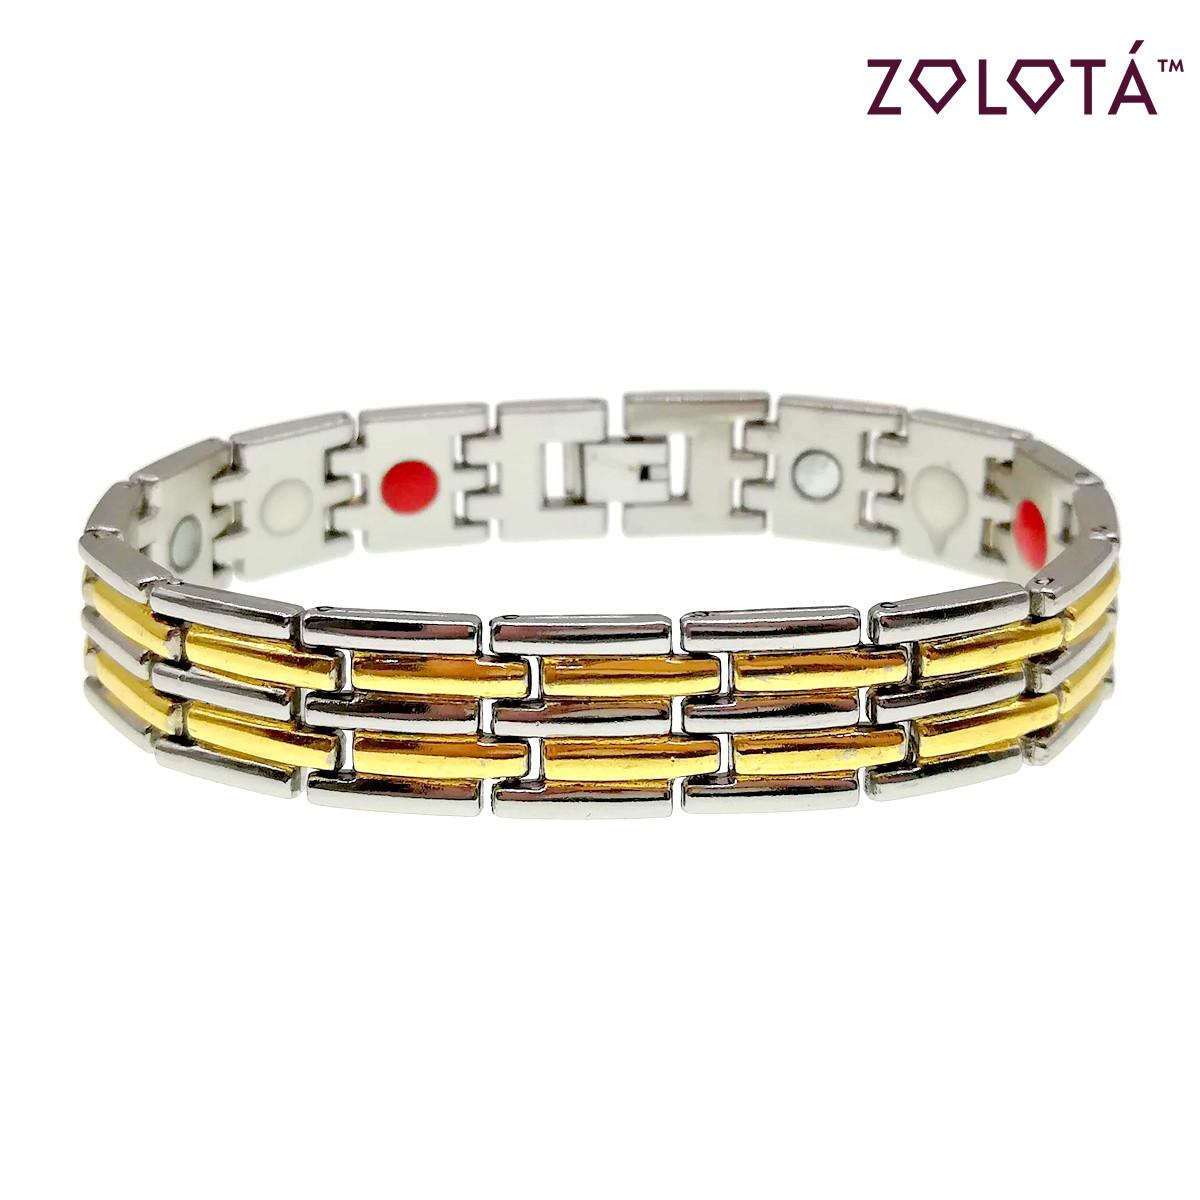 Магнитный браслет с германием и вставками позолоты, длина 20,5 см, БР00028 (20.5 см)